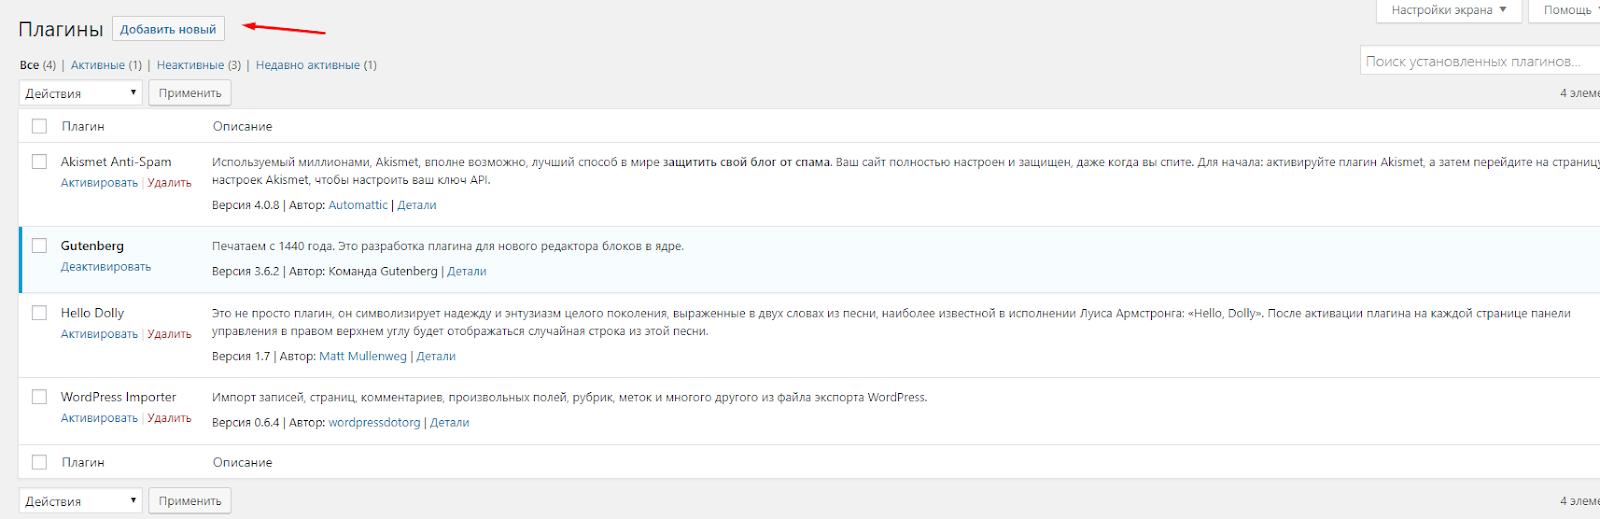 Добавление нового плагина в Wordpress